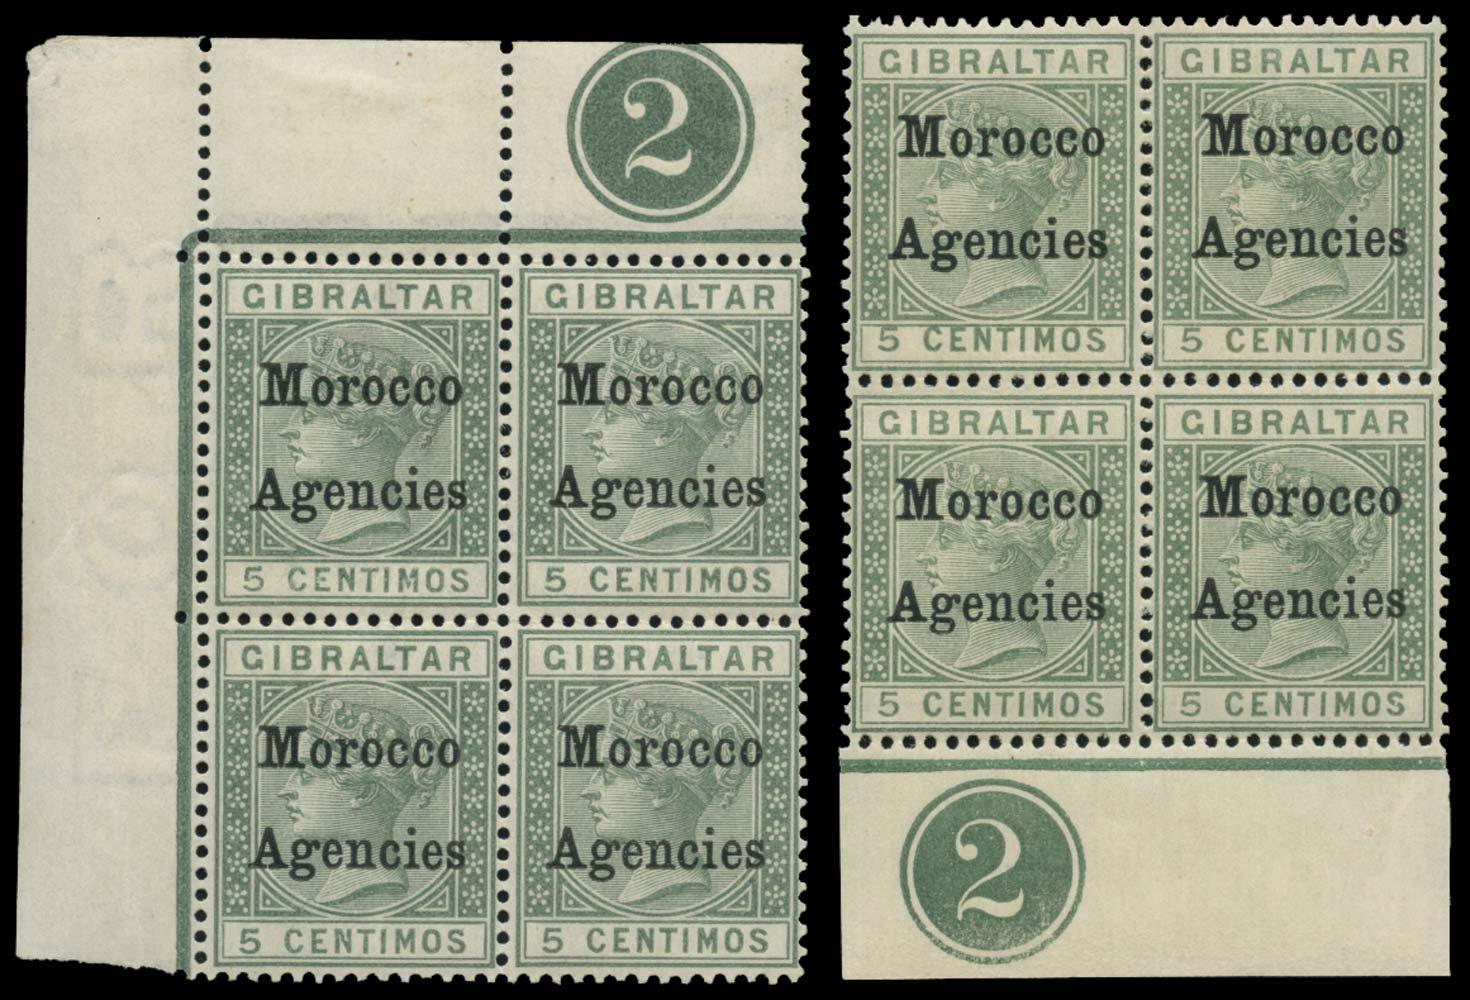 MOROCCO AGENCIES 1899  SG9 Mint